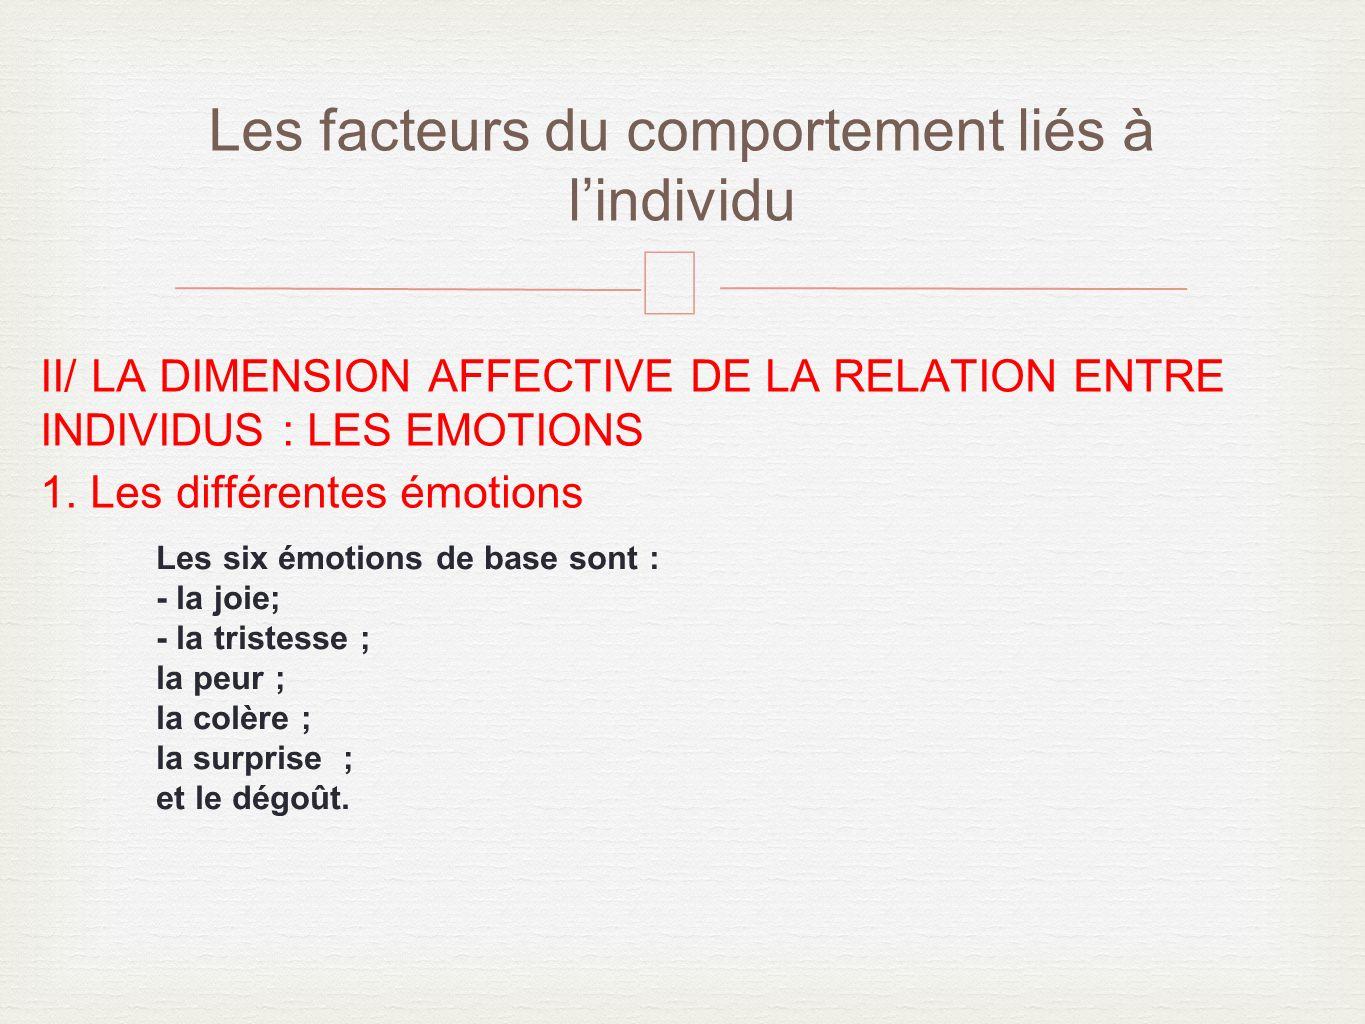 – II/ LA DIMENSION AFFECTIVE DE LA RELATION ENTRE INDIVIDUS : LES EMOTIONS 1. Les différentes émotions Les facteurs du comportement liés à lindividu L